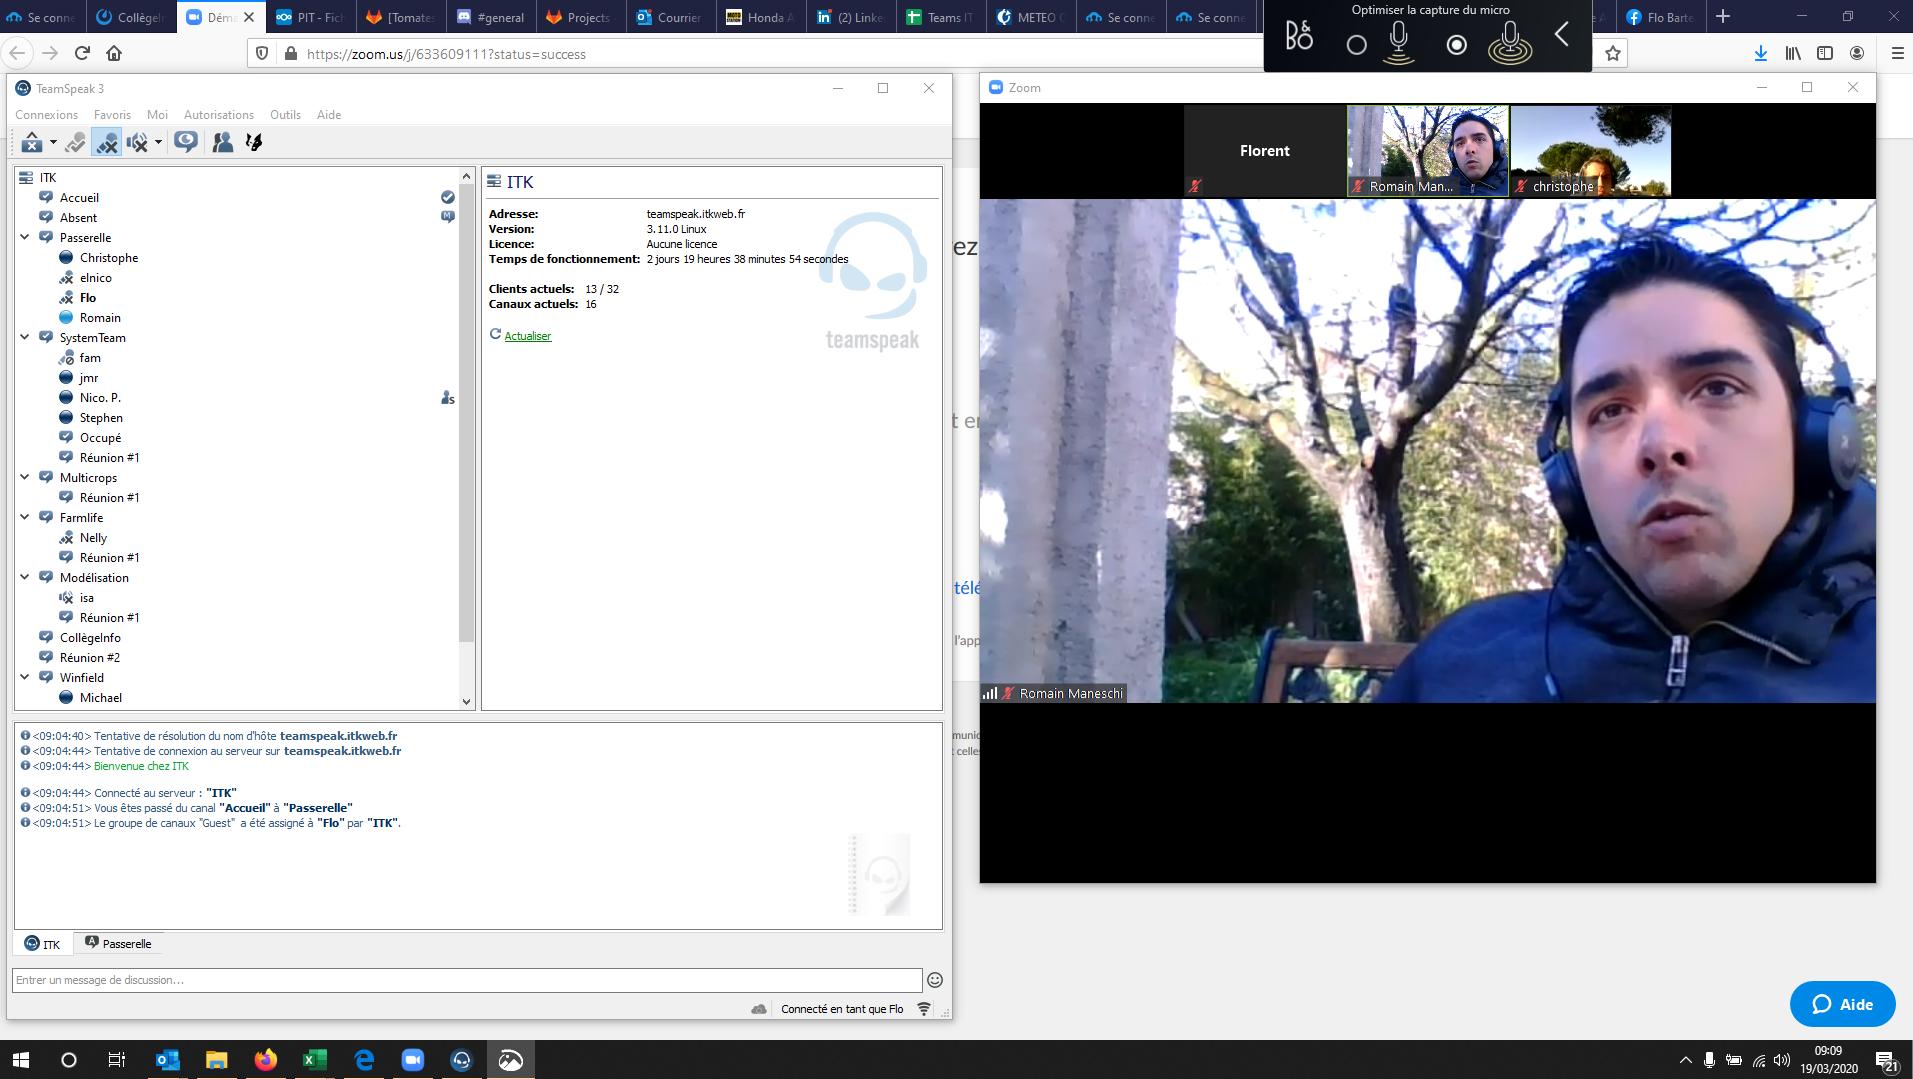 Utilisation simultanée de Teamspeak (multi-salles audio) à gauche de l'écran et Zoom (visio-conférence) à droite. Dispositif nécessaire au PI planning trimestriel, routine méthodolique SAFe (agilité à grande échelle).